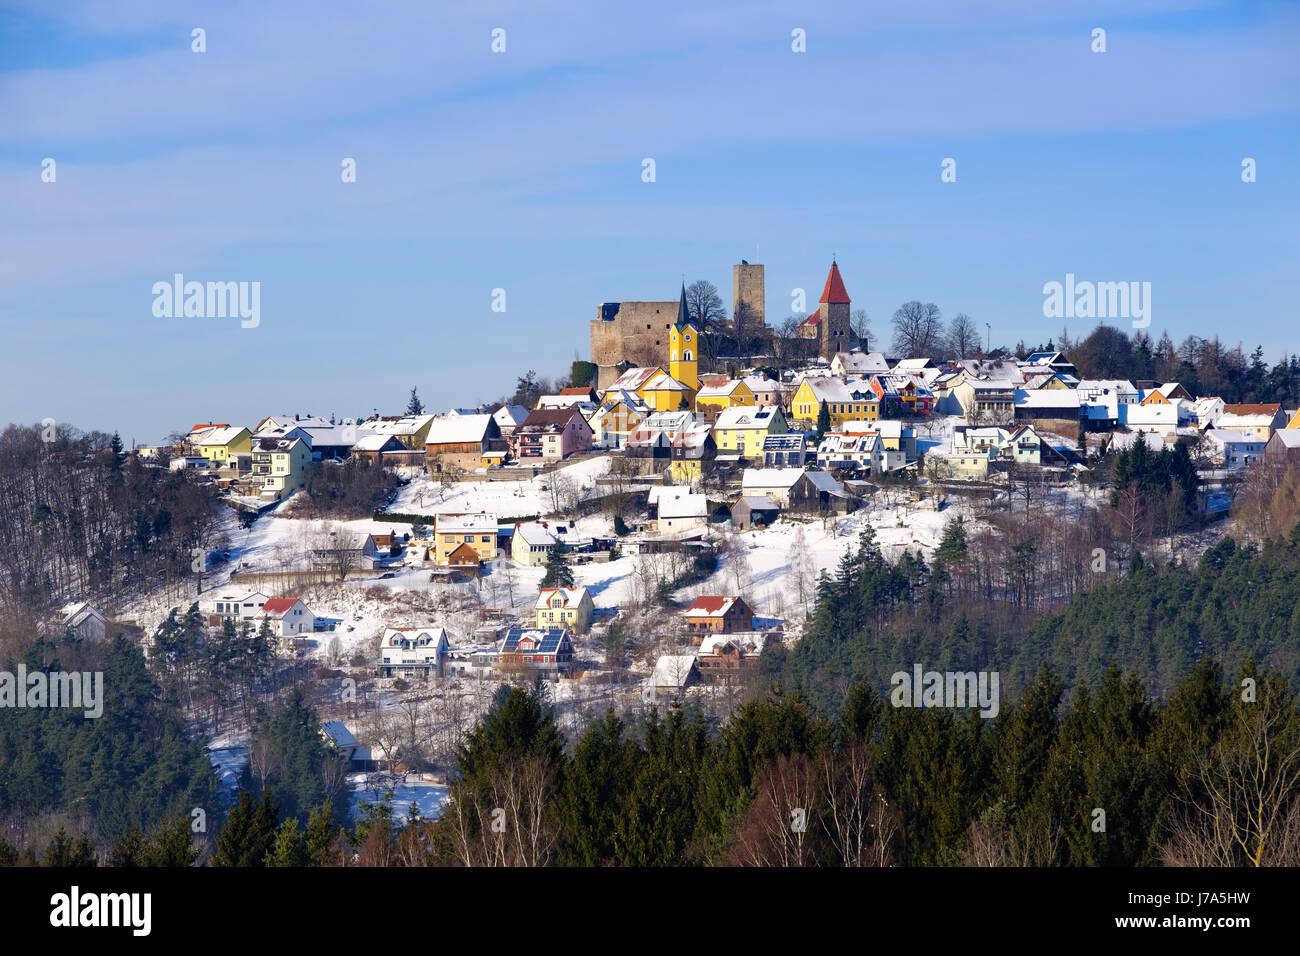 Leuchtenberg, Nördlicher Oberpfälzer Wald, Oberpfalz, Bayern, Deutschland - Stock Image